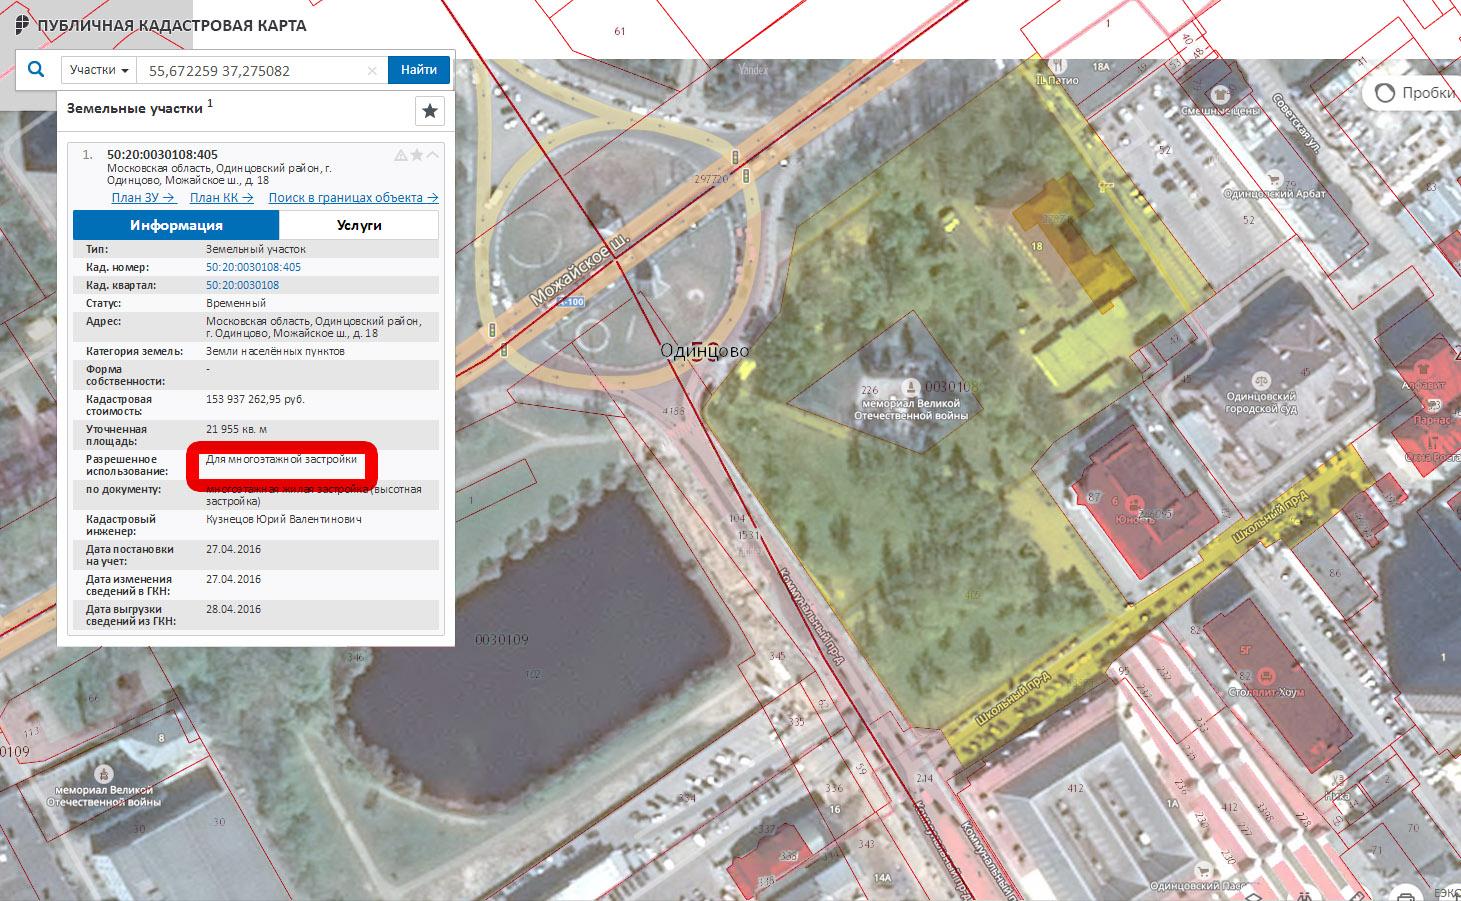 Территория для многоэтажной застройки вокруг Вечного огня у кинотеатра Юность в Одинцово.